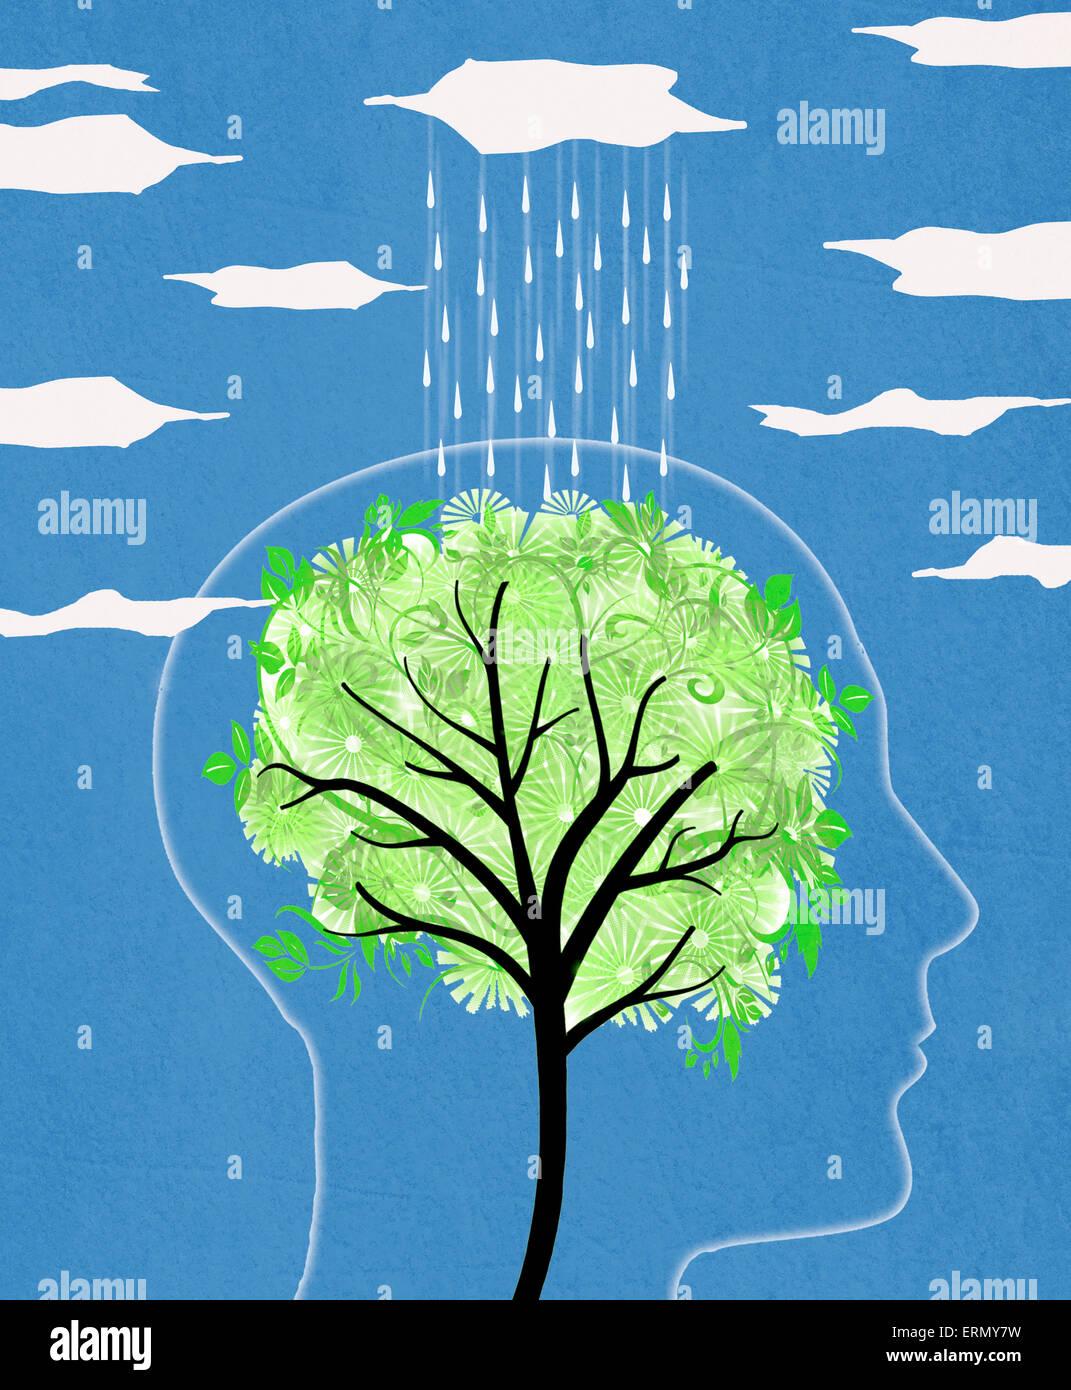 Silueta de la cabeza con el árbol y la lluvia ilustración digital Imagen De Stock